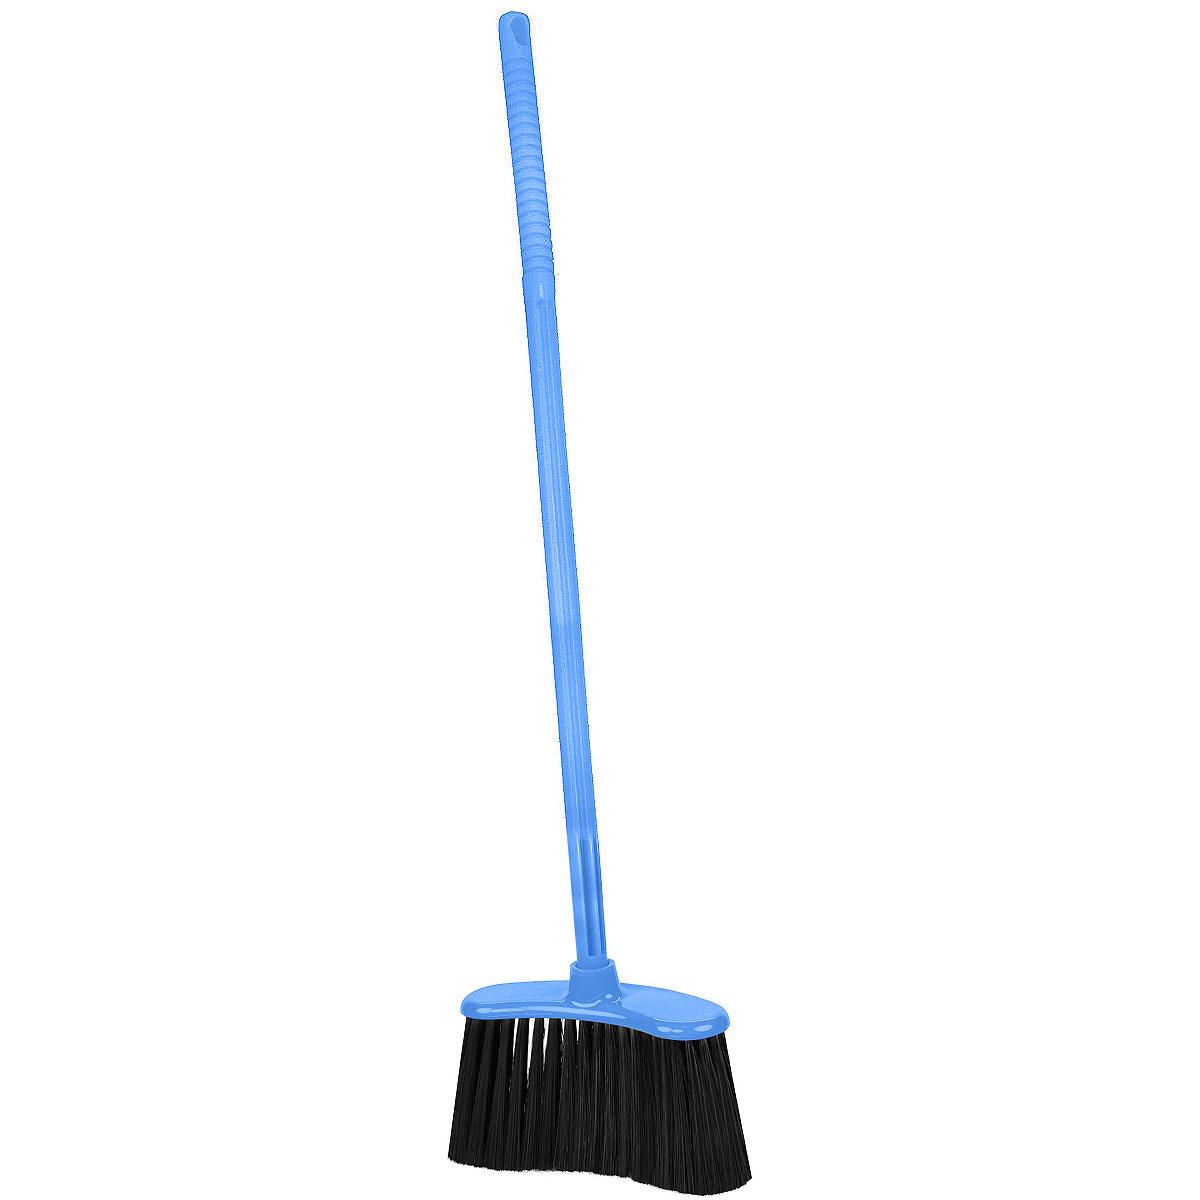 Веник Альтернатива Комфорт-люкс, жесткий, цвет: голубой, 85 смМ1267Веник Альтернатива Комфорт-люкс изготовлен из пластика и предназначен длядля подметания пола. Оснащен длинным жестким черенком. Ворсинки изделия твердые, на конце распушенные для максимальной эффективности. Черенок оснащен отверстием для подвешивания.Оригинальный, современный, удобный веник сделает уборку эффективнее и приятнее.Высота веника: 85 см.Длина ворсинок: 14 см.